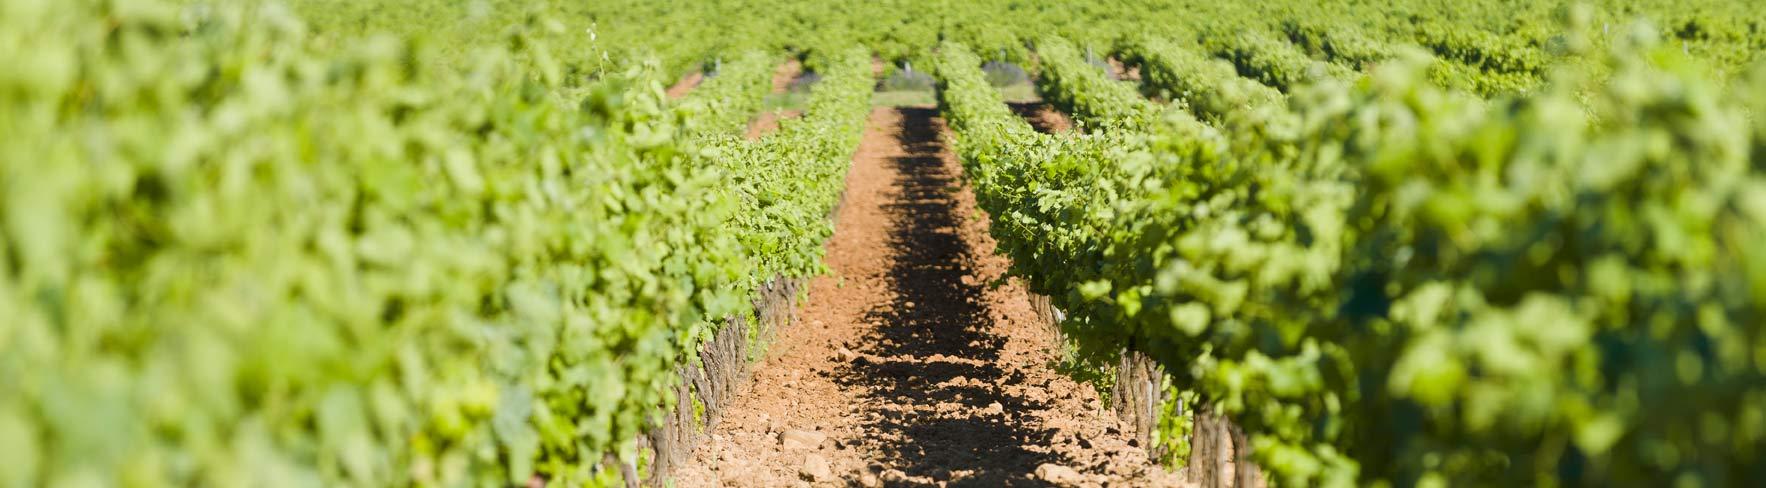 Vignes vin var provence